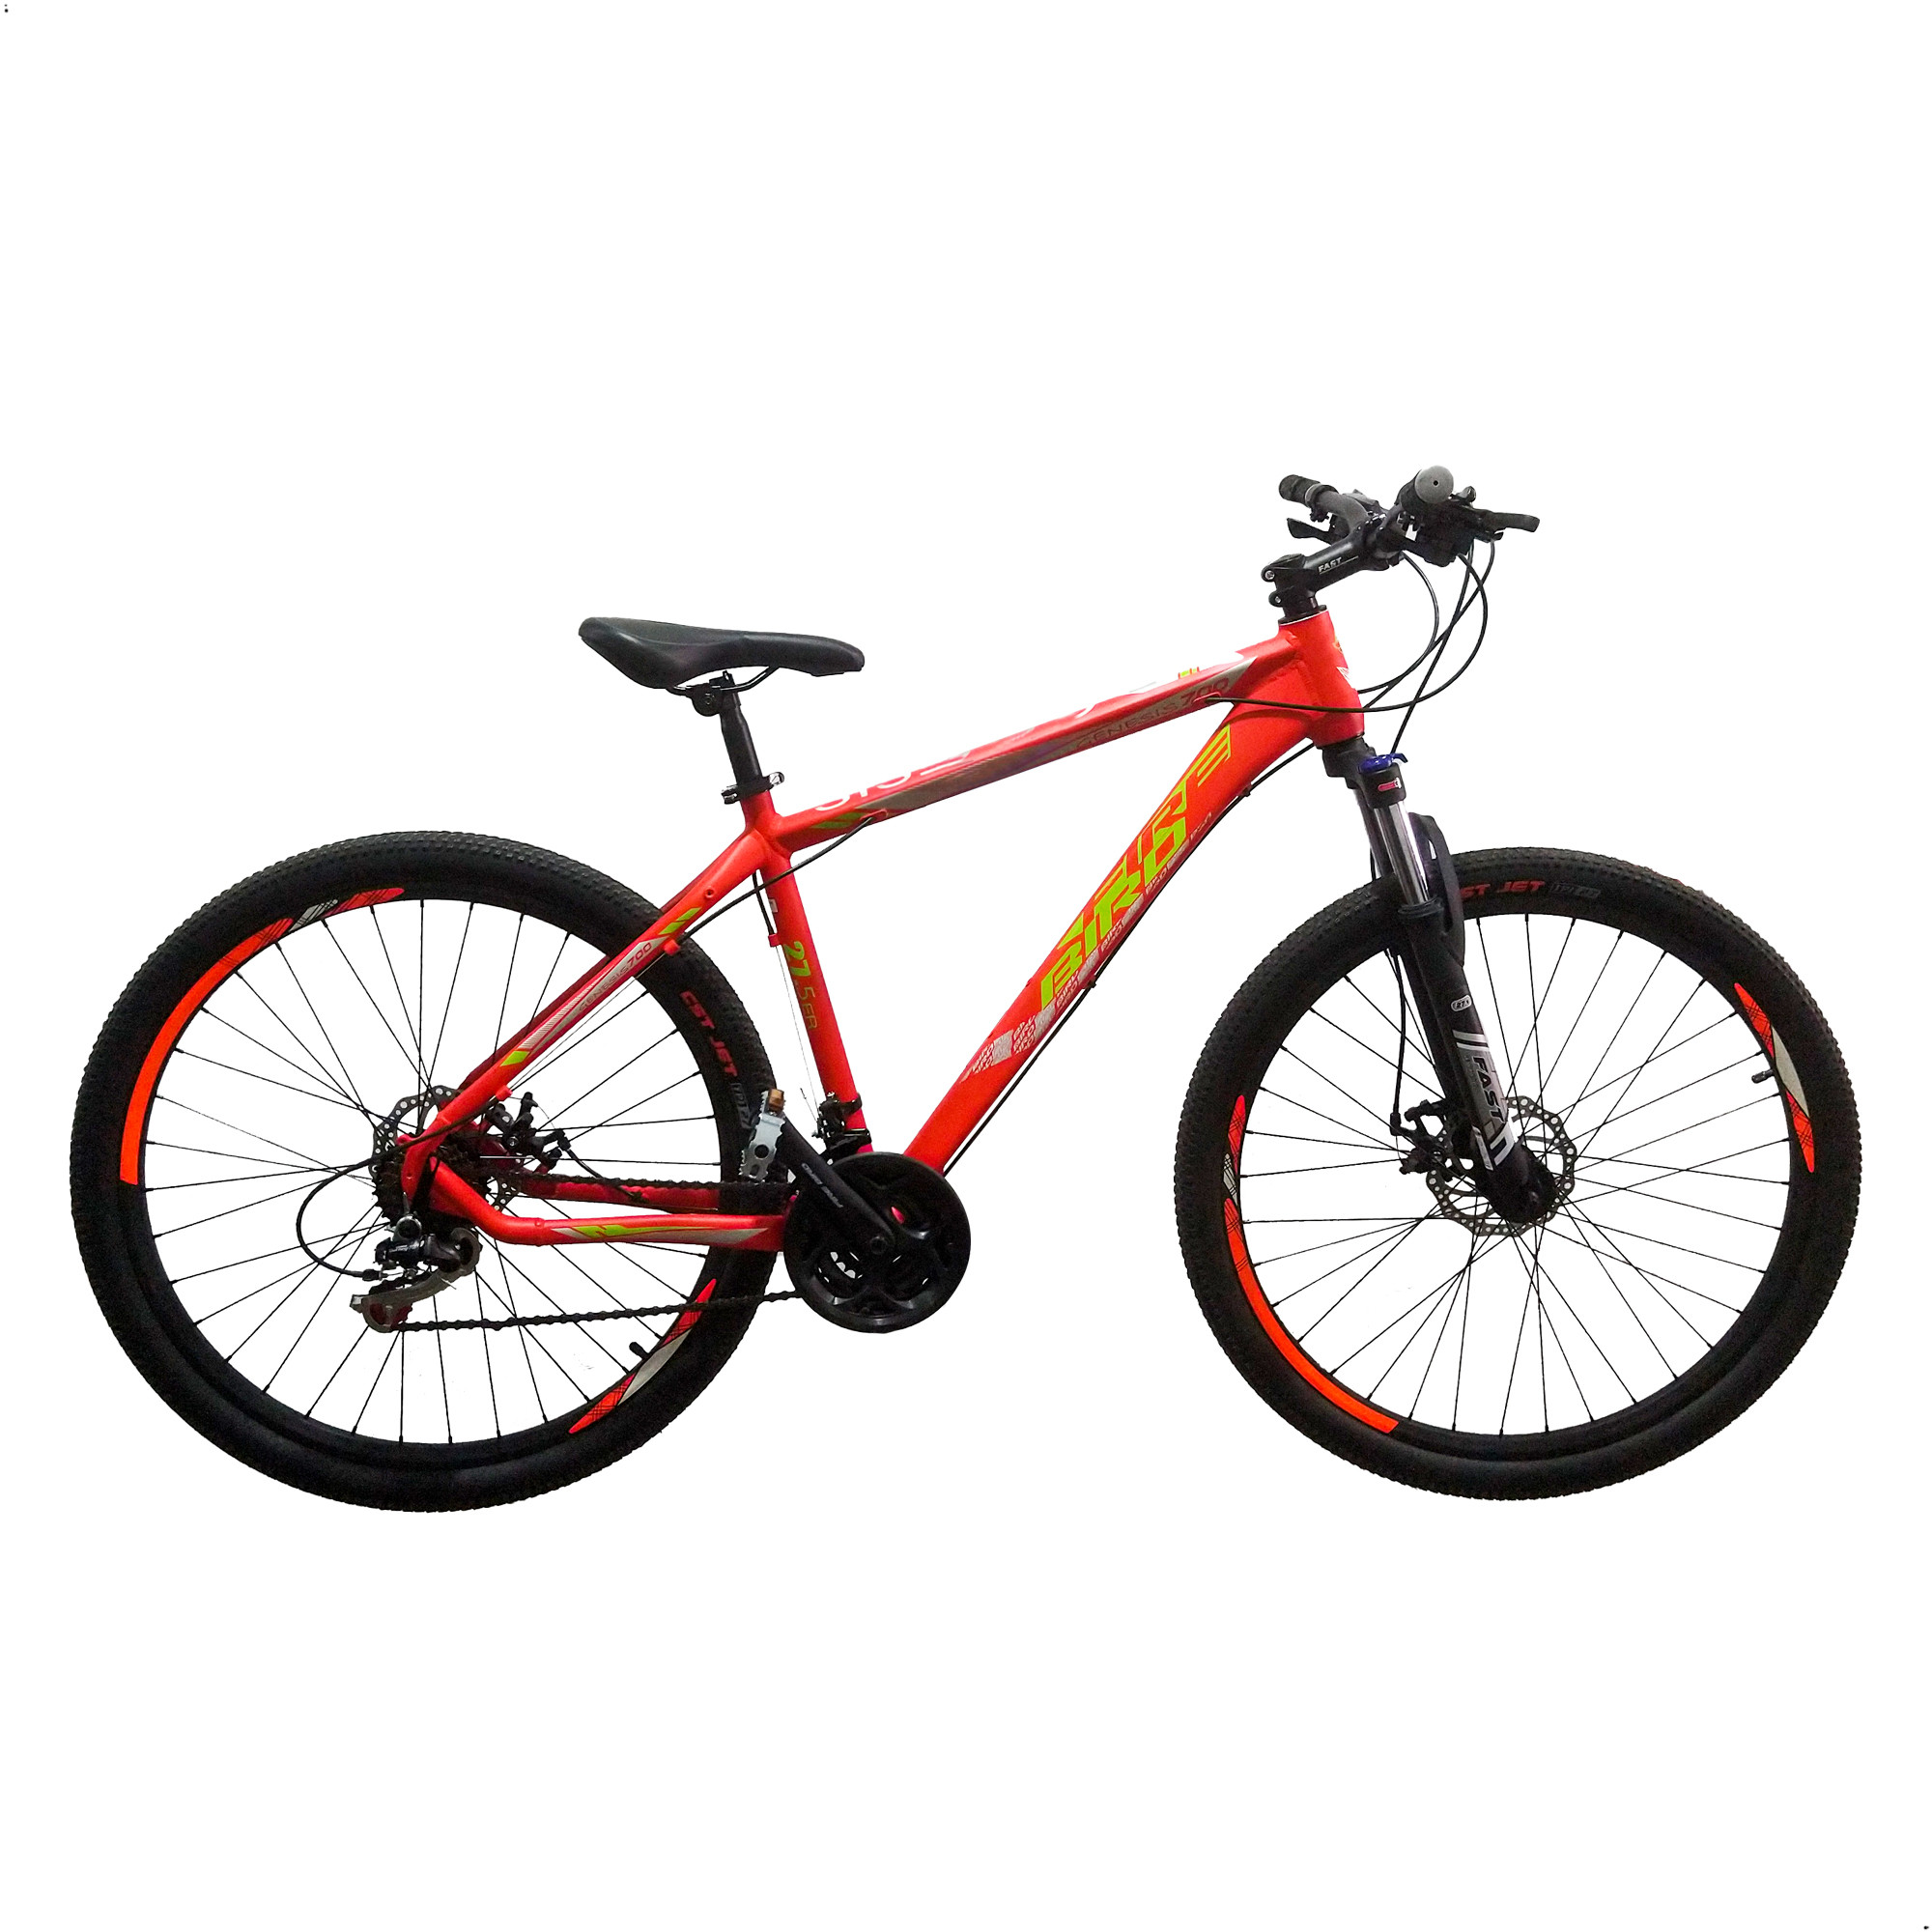 Bicicleta Mountain Bike Fire Bird Genesis By Raleigh 27.5 Aluminio Shimano